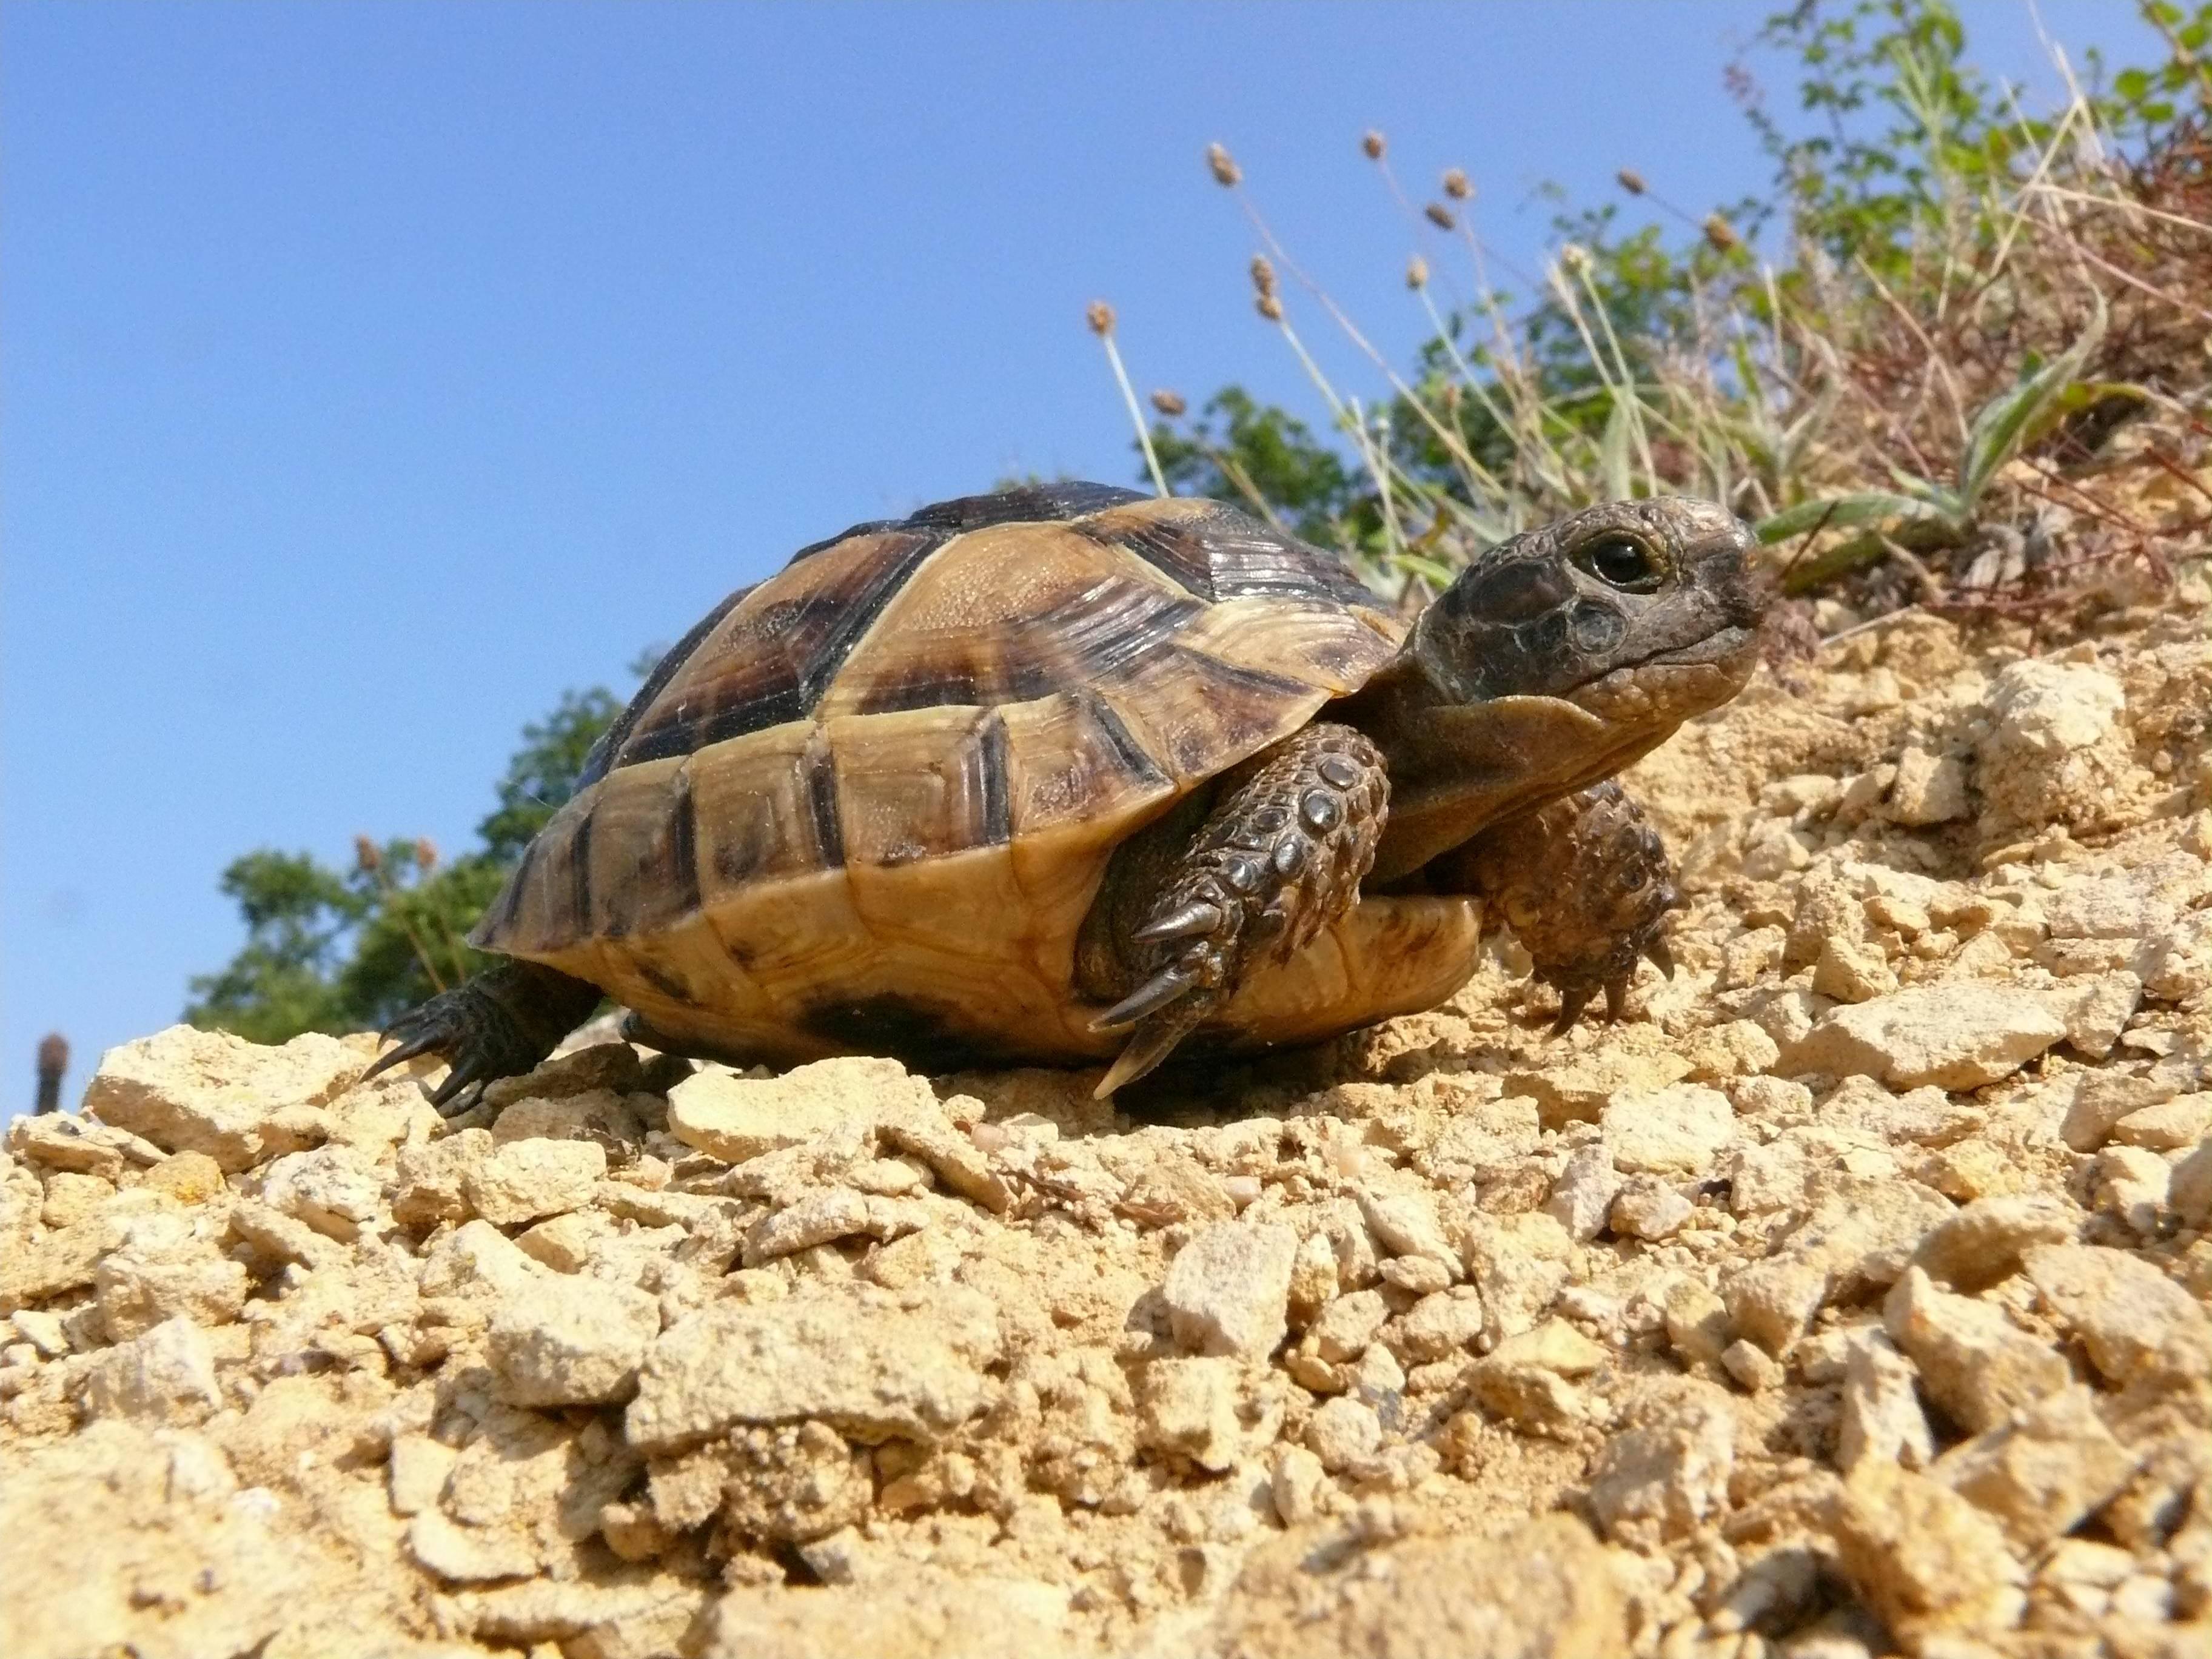 Морские черепахи в черном море – тема научной статьи по биологическим наукам читайте бесплатно текст научно-исследовательской работы в электронной библиотеке киберленинка